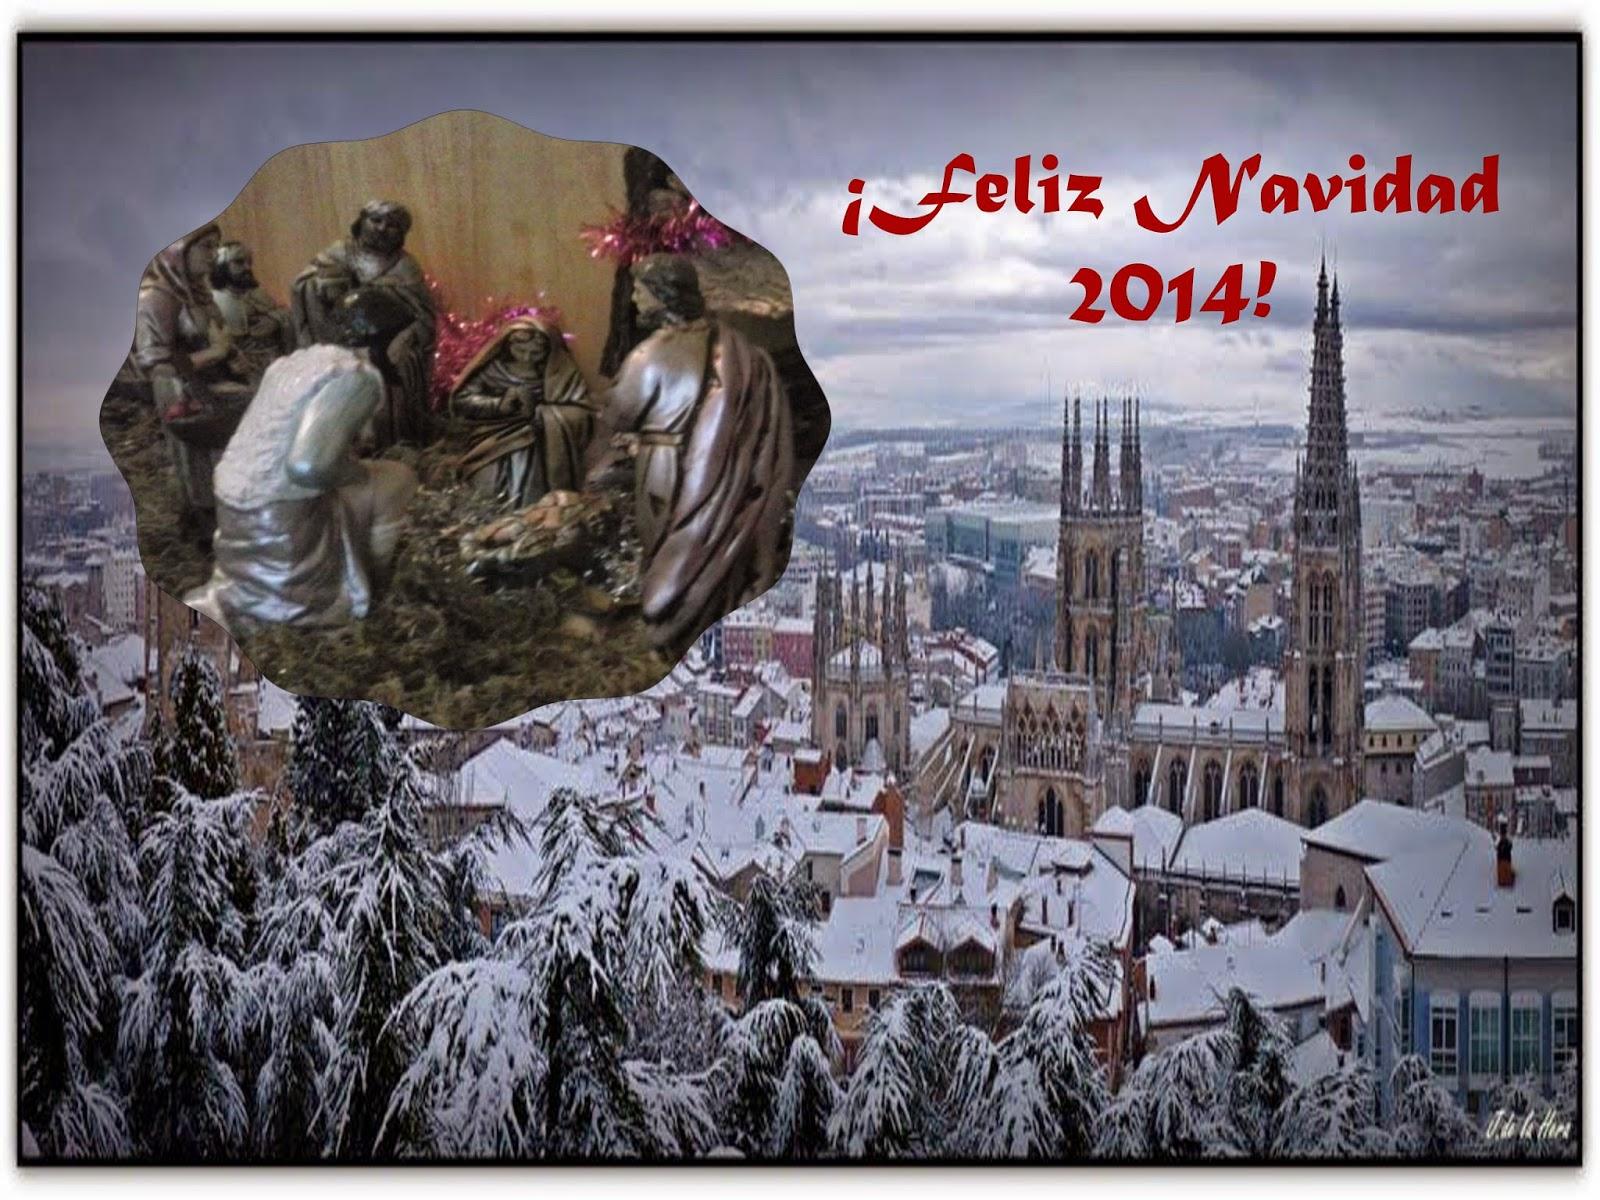 Feliz Navidad Siempre Asi.Carmen Martin Penacoba Feliz Navidad